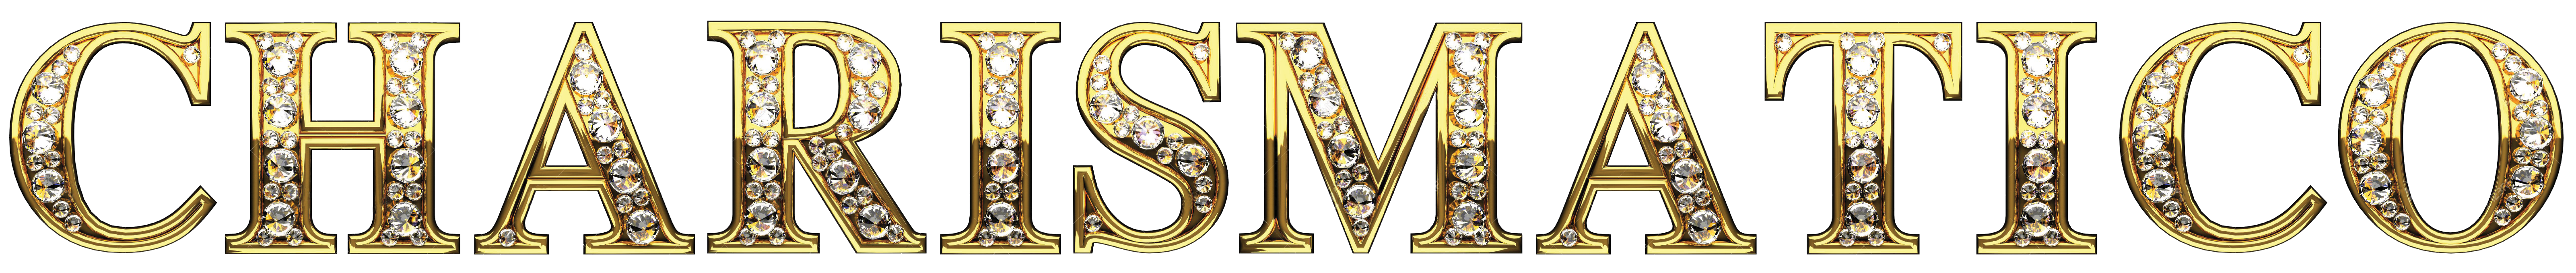 logo-6950-x-1017.png